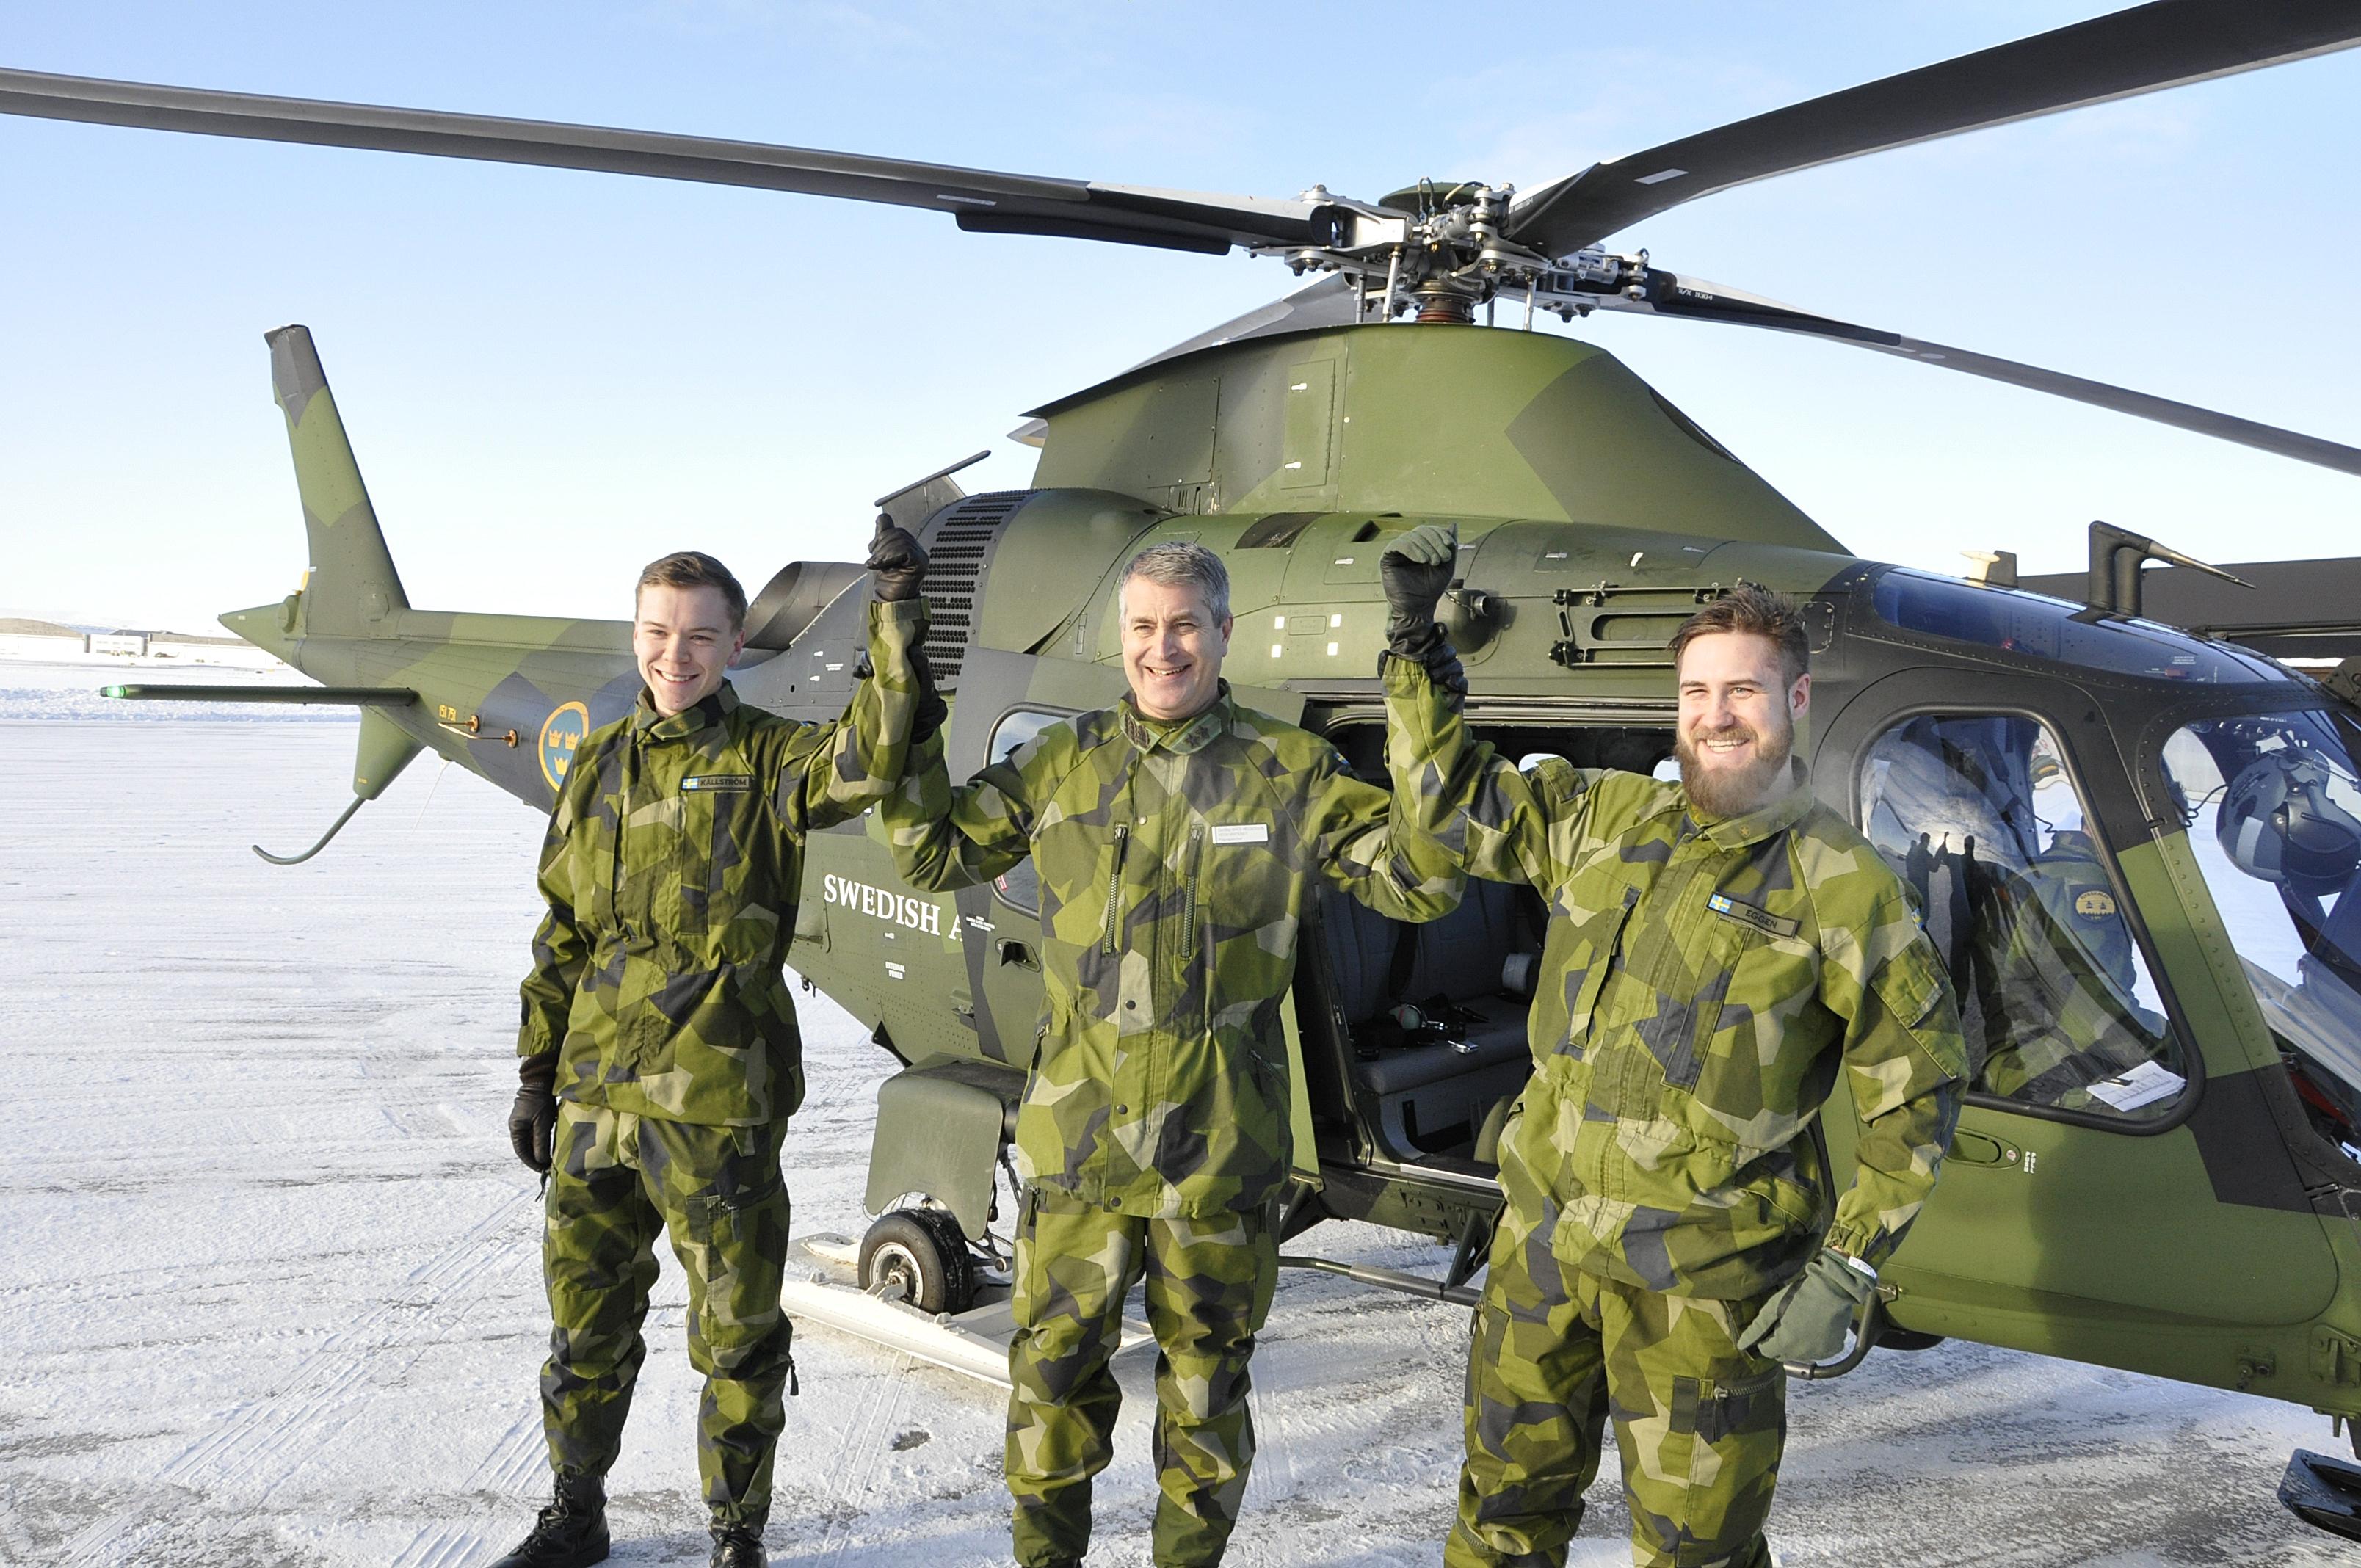 1 sergeanterna Elias Källström och Per Eggen gratuleras av flygvapenchefen Mats Helgesson efter genomfört flygpass.